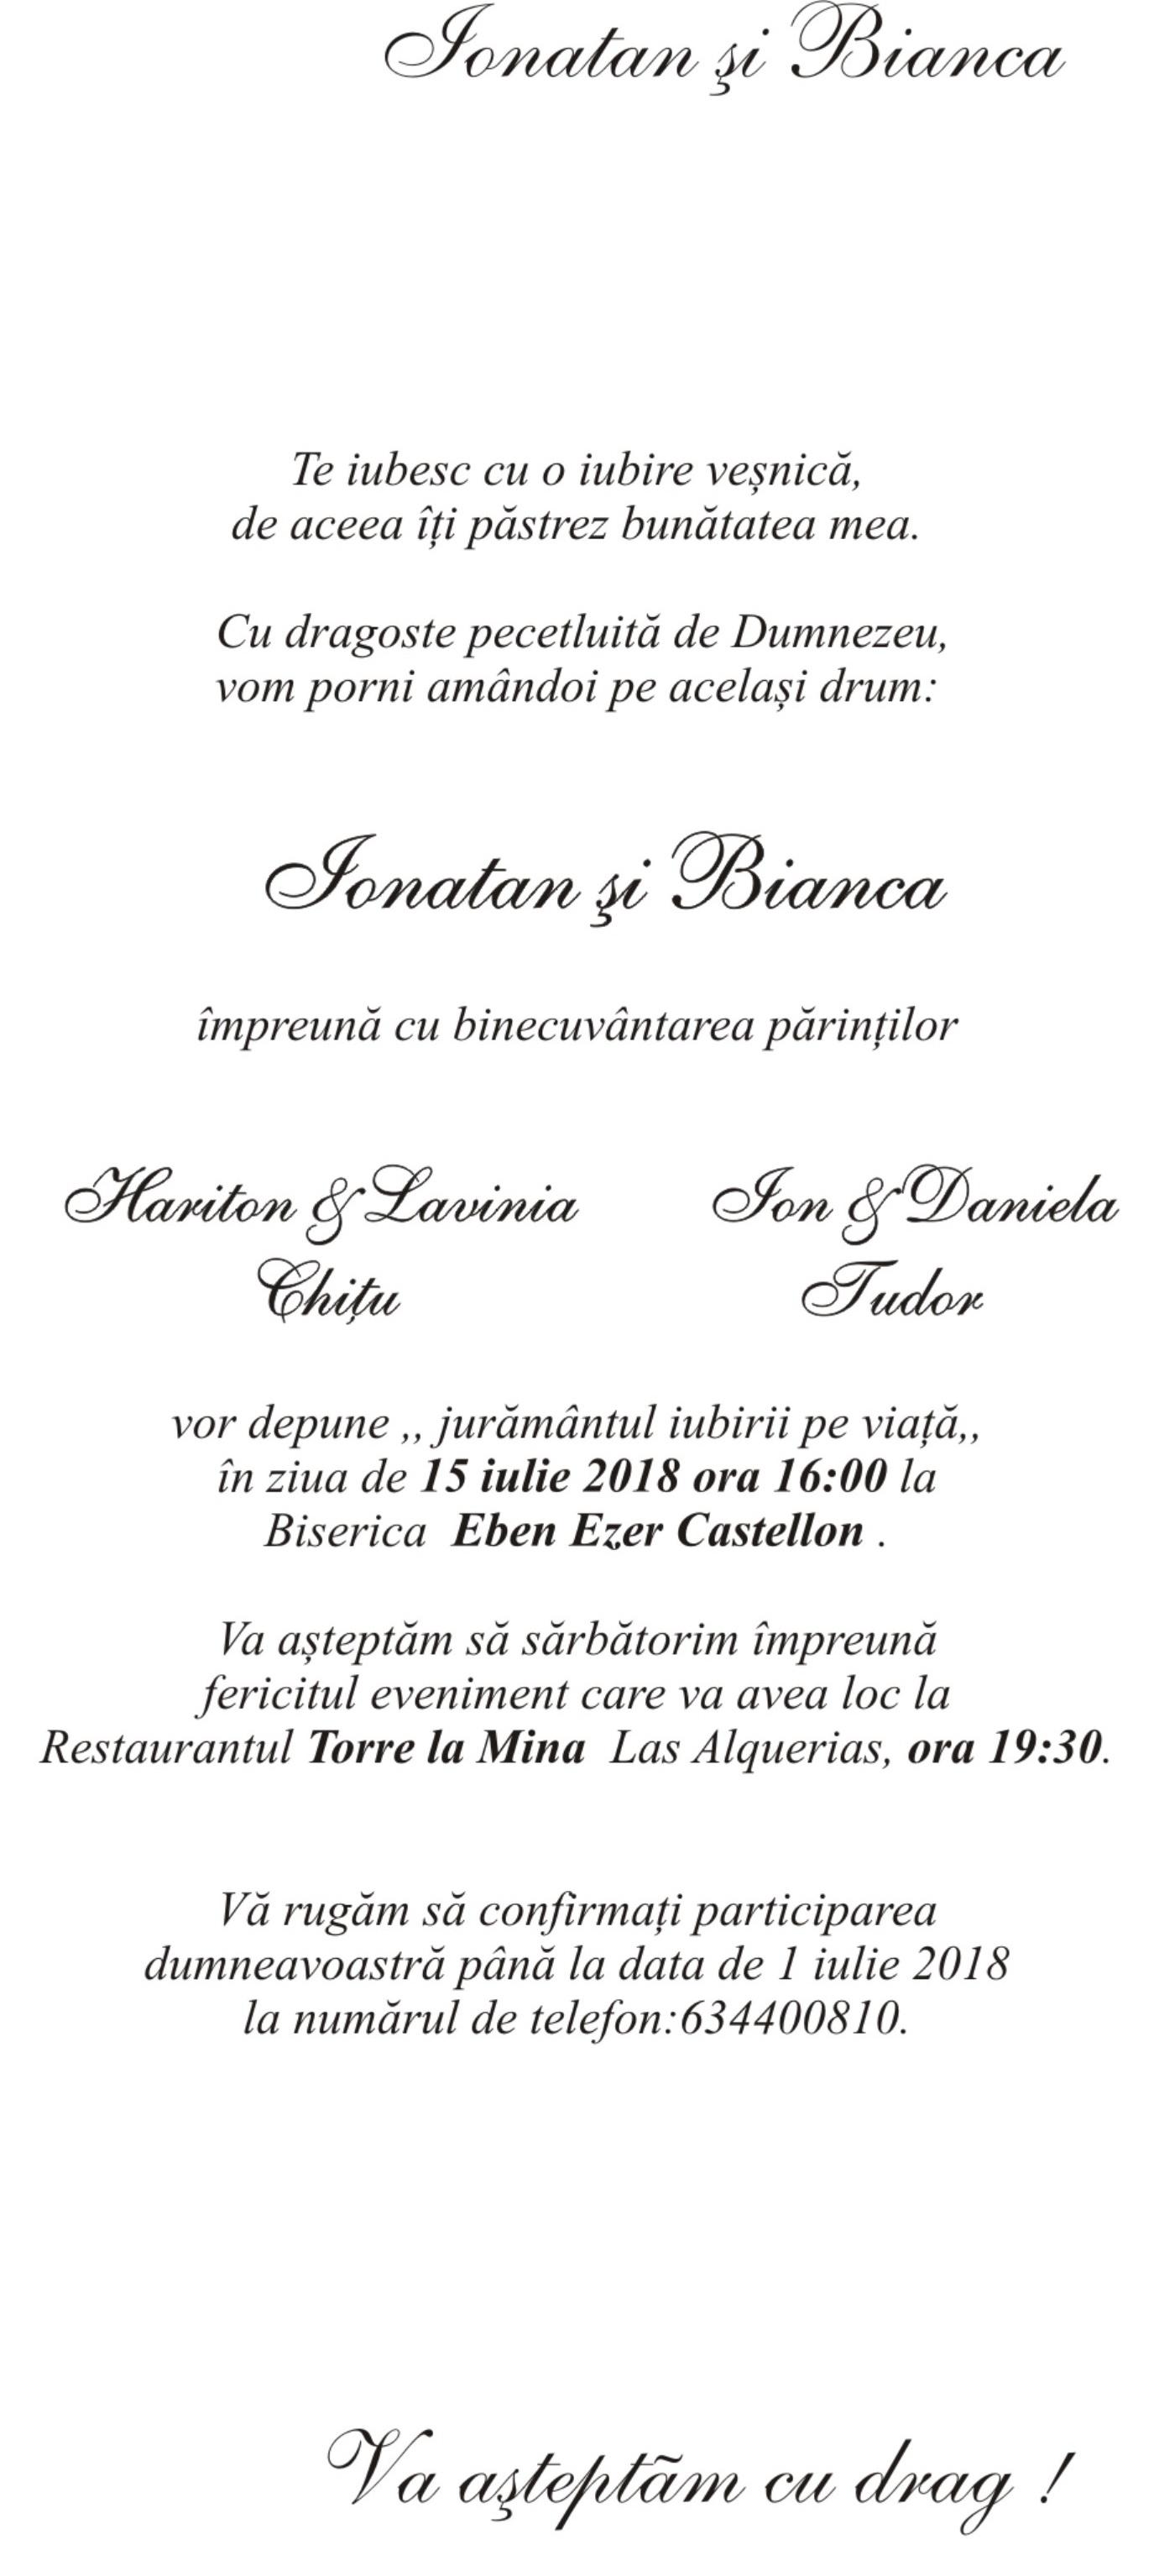 Invitatii Nunta Cu Livrare In 48 Ore Mirajul Nuntii